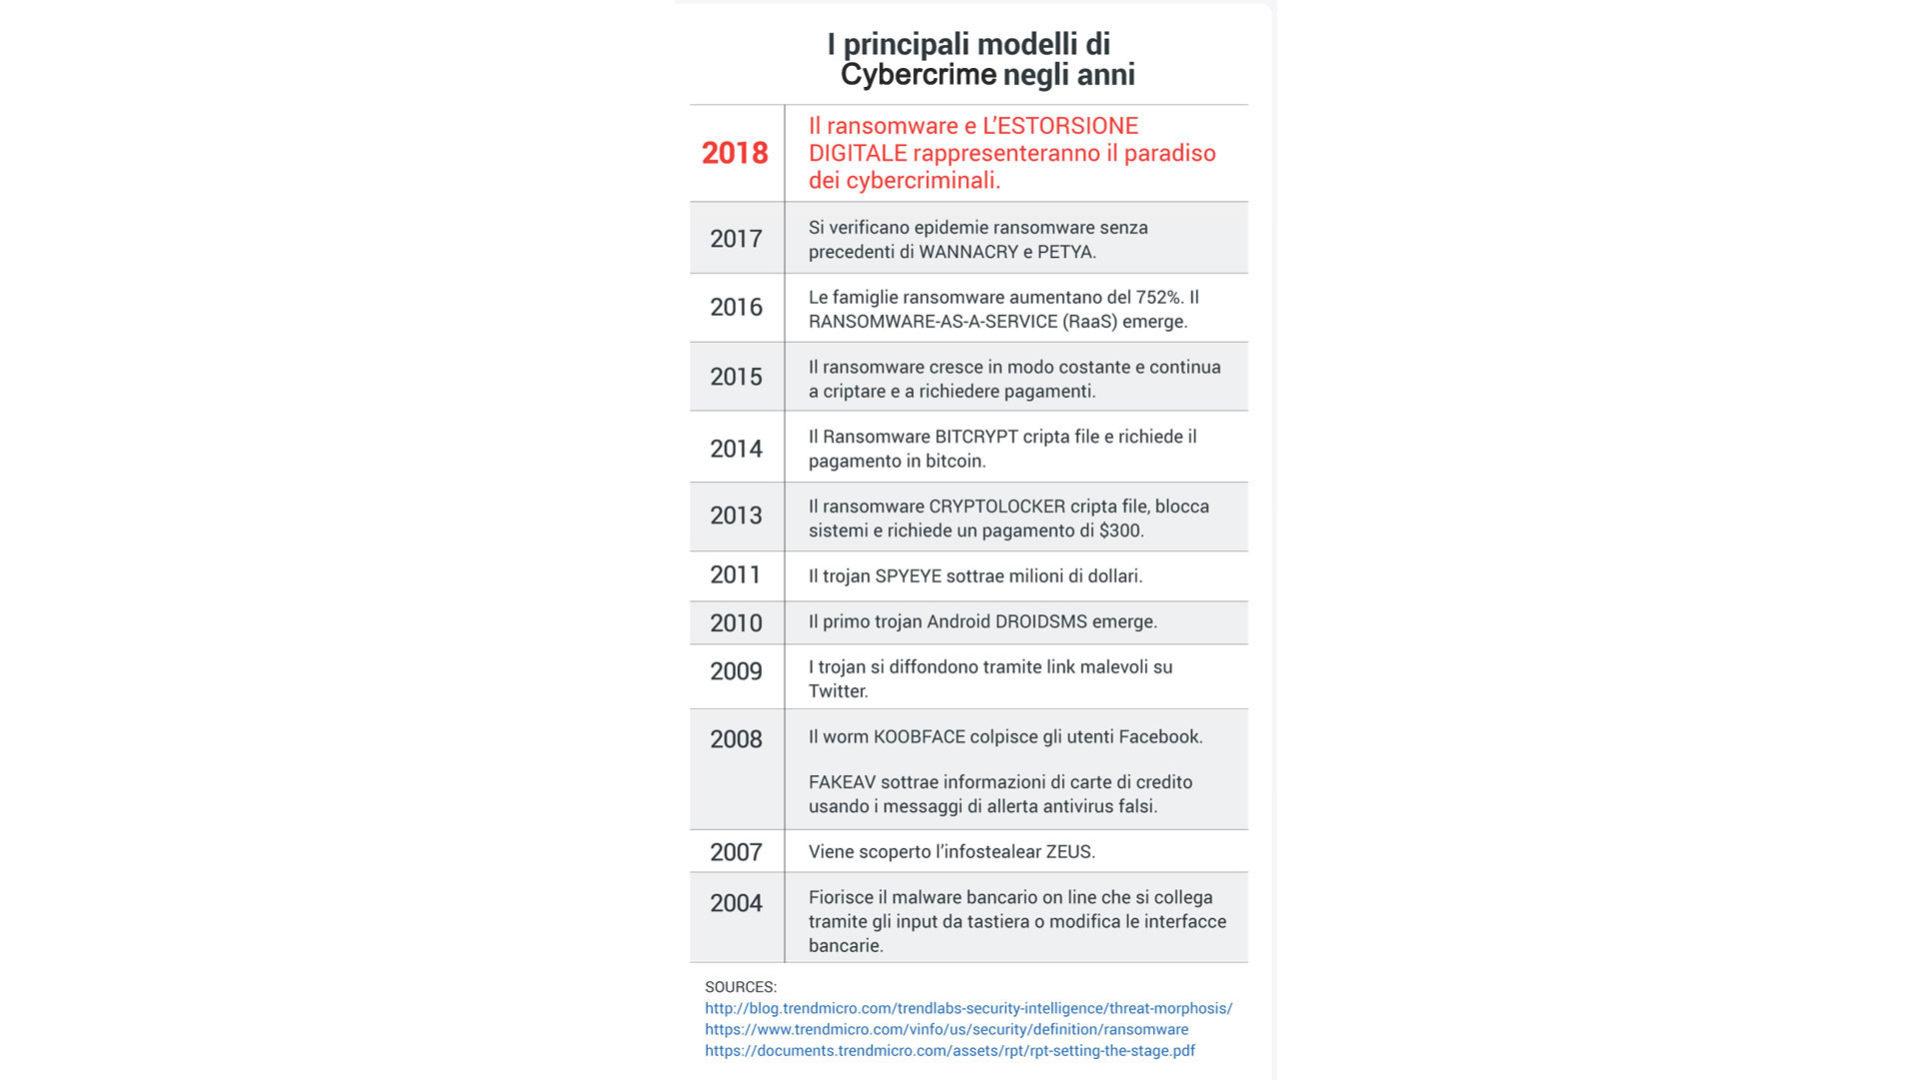 Principali modelli di cybercrime e successo del ransomware negli ultimi anni